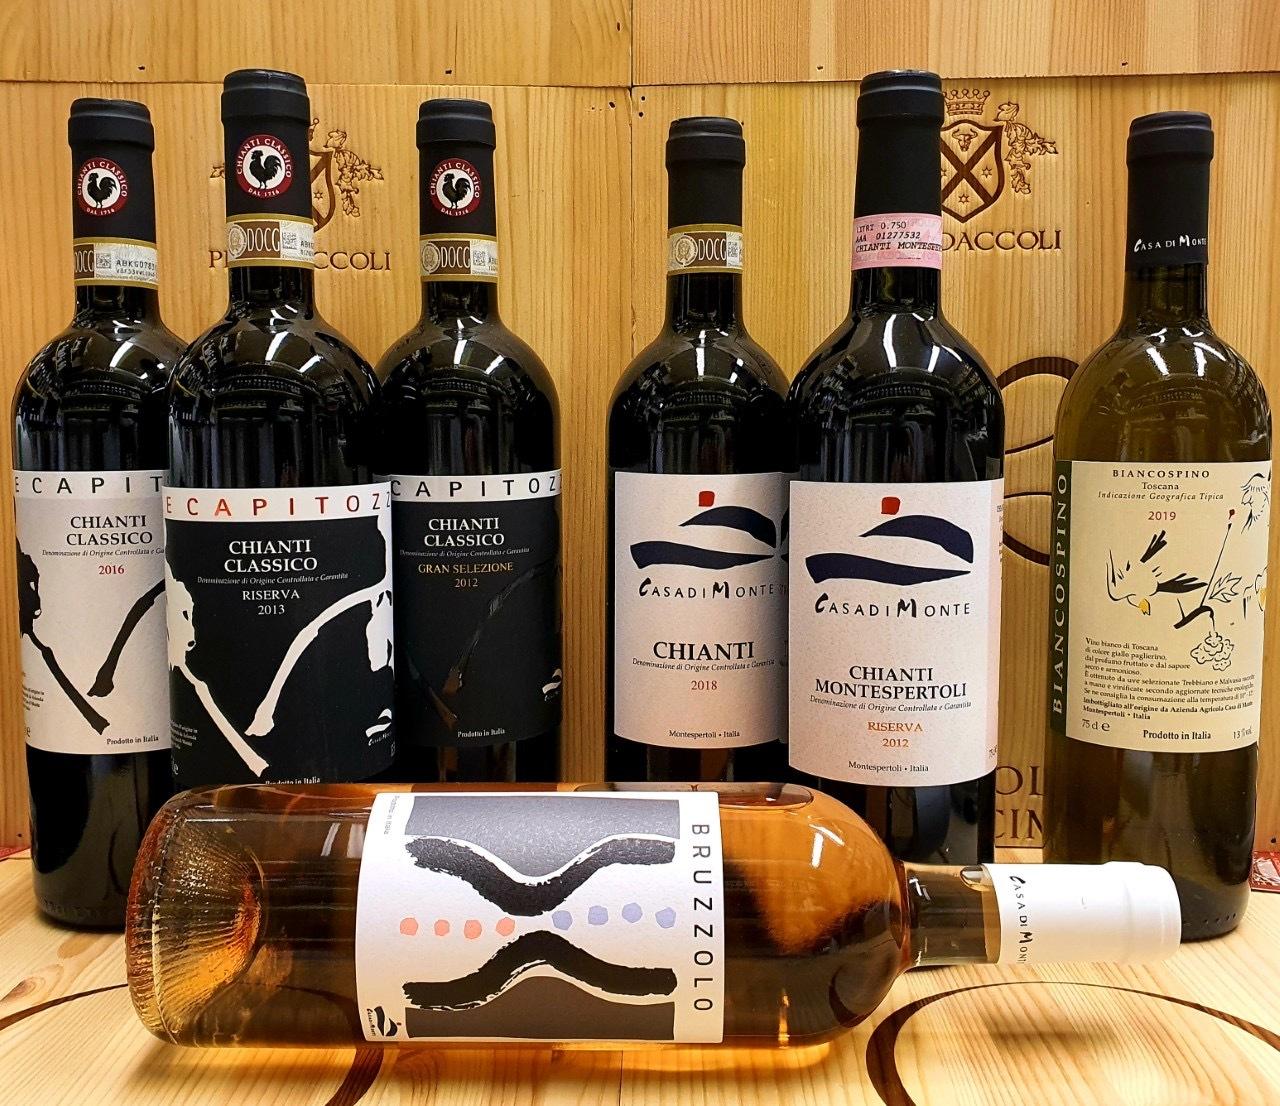 ワイン便の発送:トスカーナ州フィレンツェ県、ワイナリー別_a0136671_02065462.jpeg